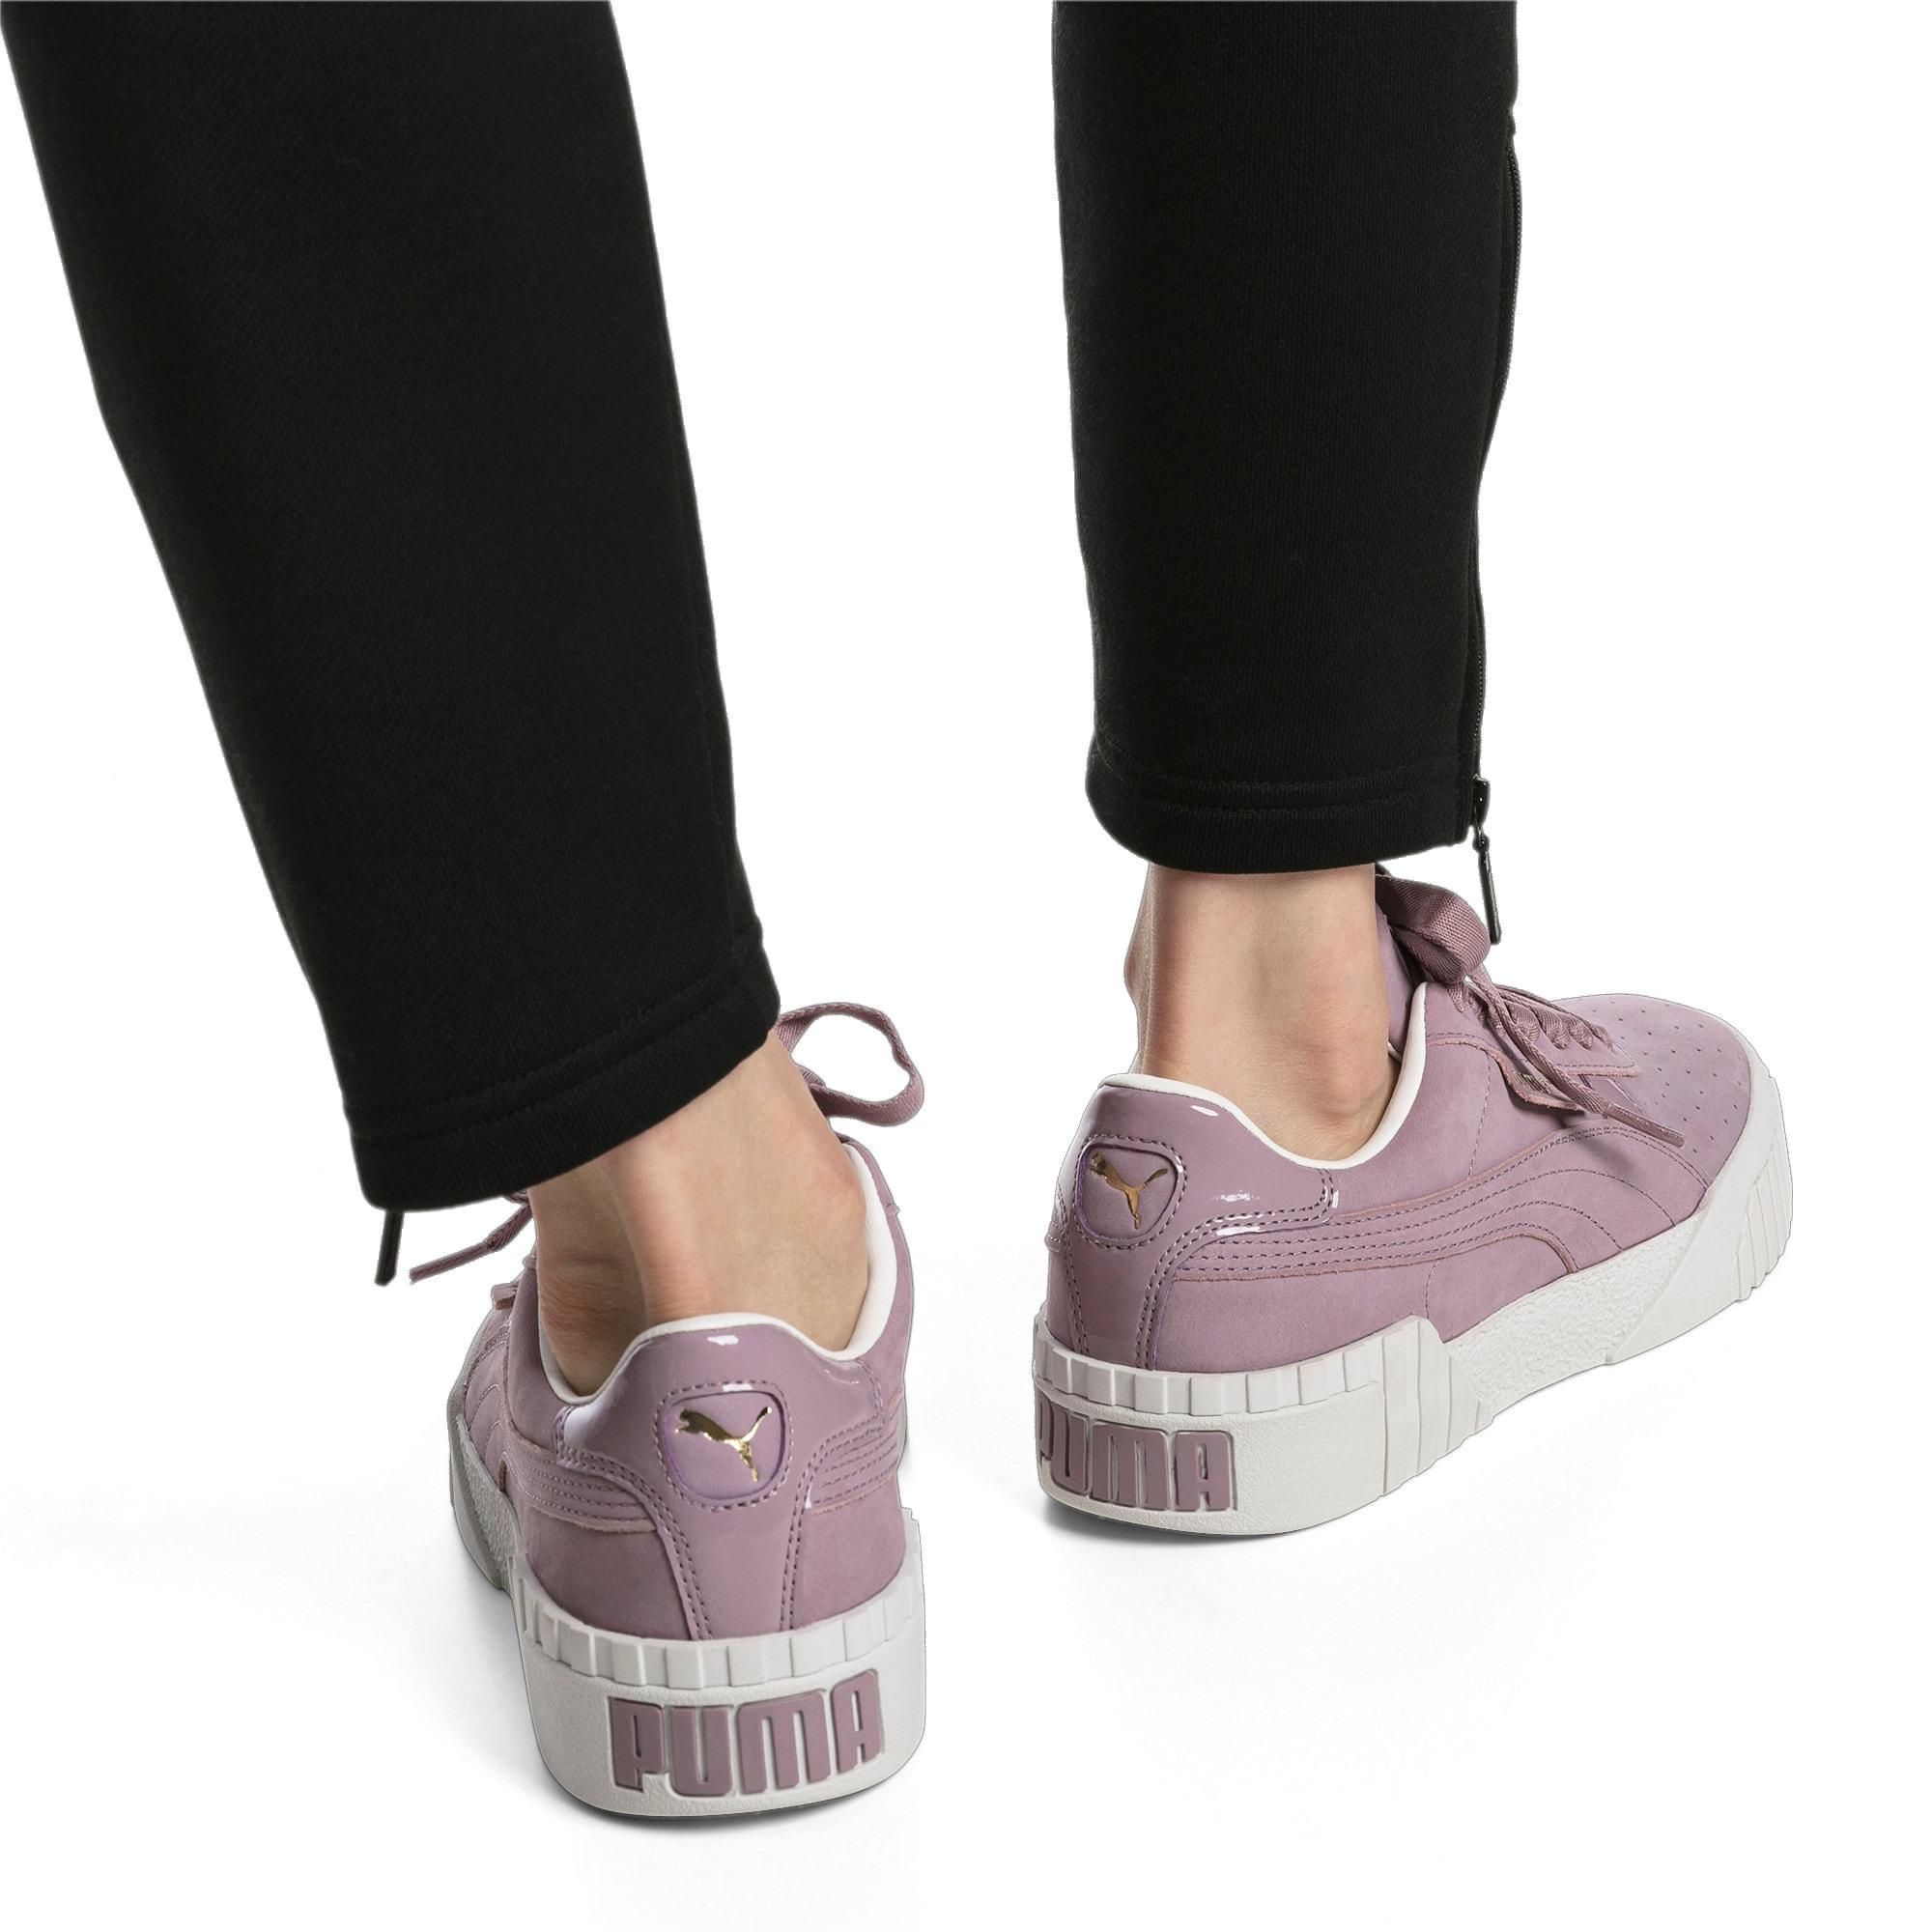 Miniatura 2 de Zapatos deportivos de nobuk Cali para mujer, Elderberry, mediano